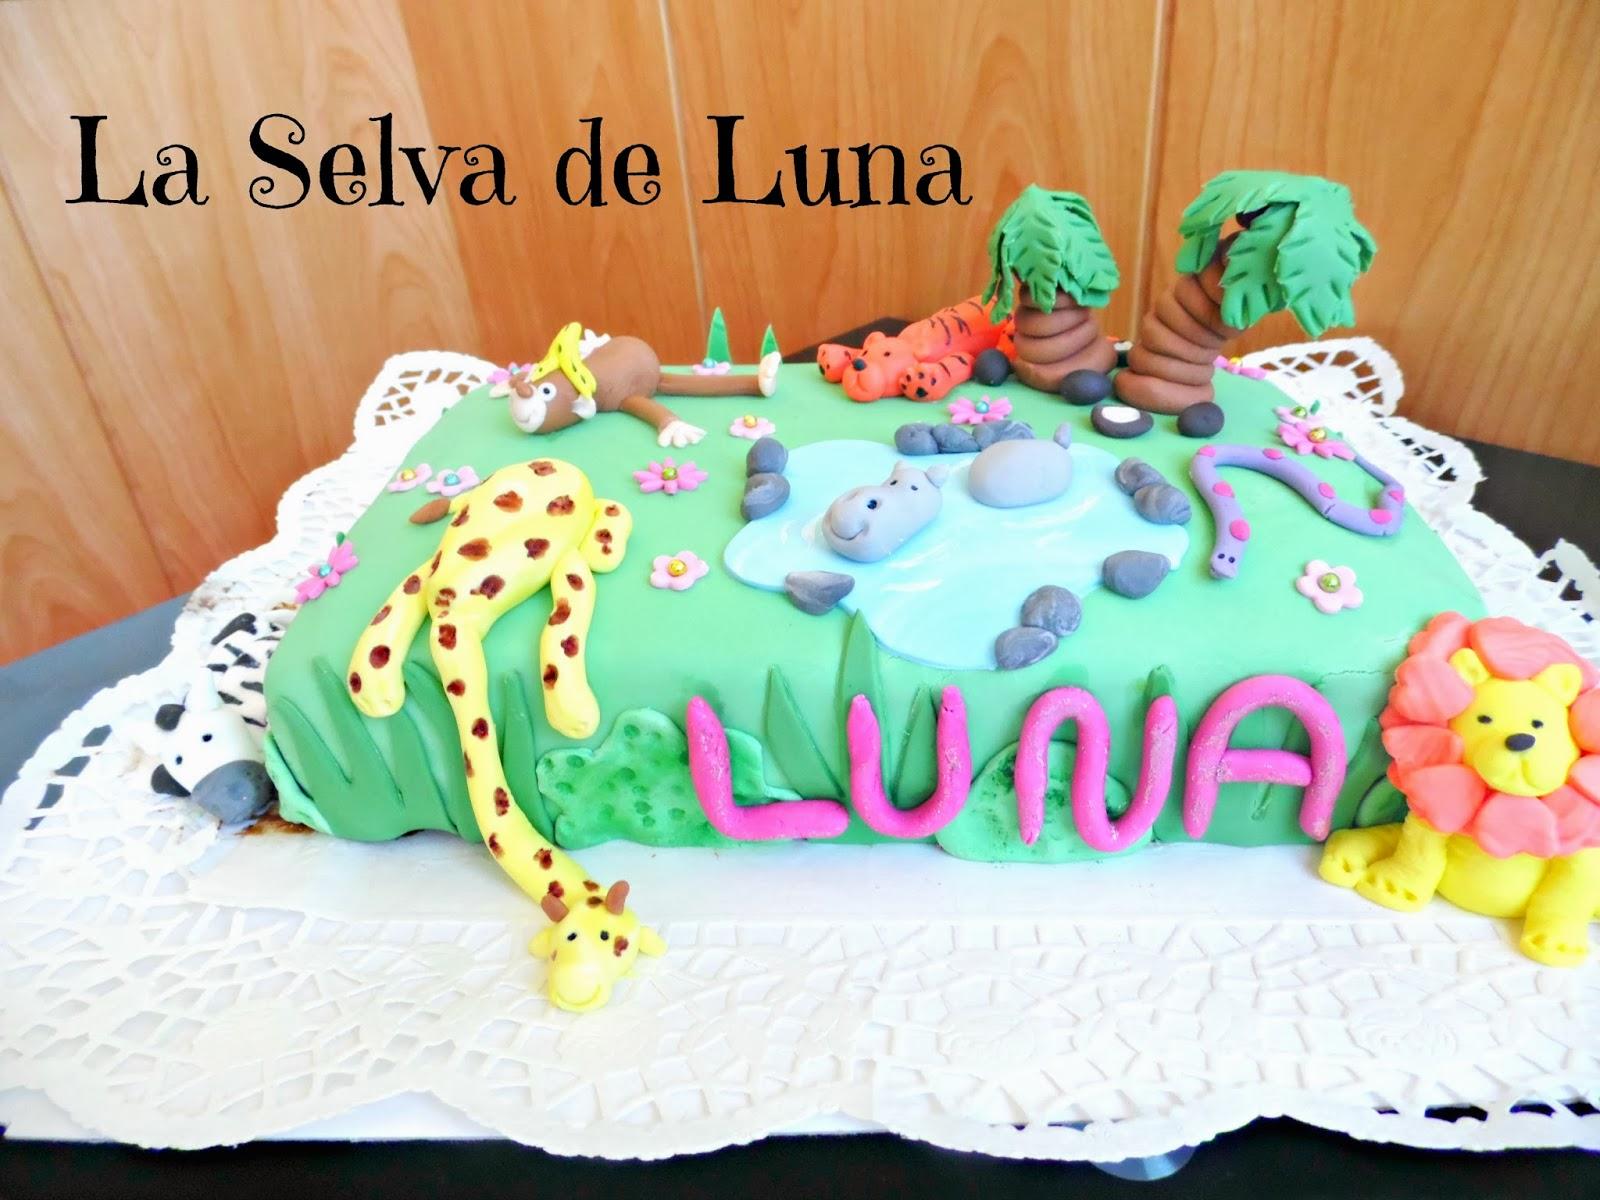 http://www.experimentando-enla-cocina.blogspot.com.es/2013/10/tarta-selva-para-luna.html